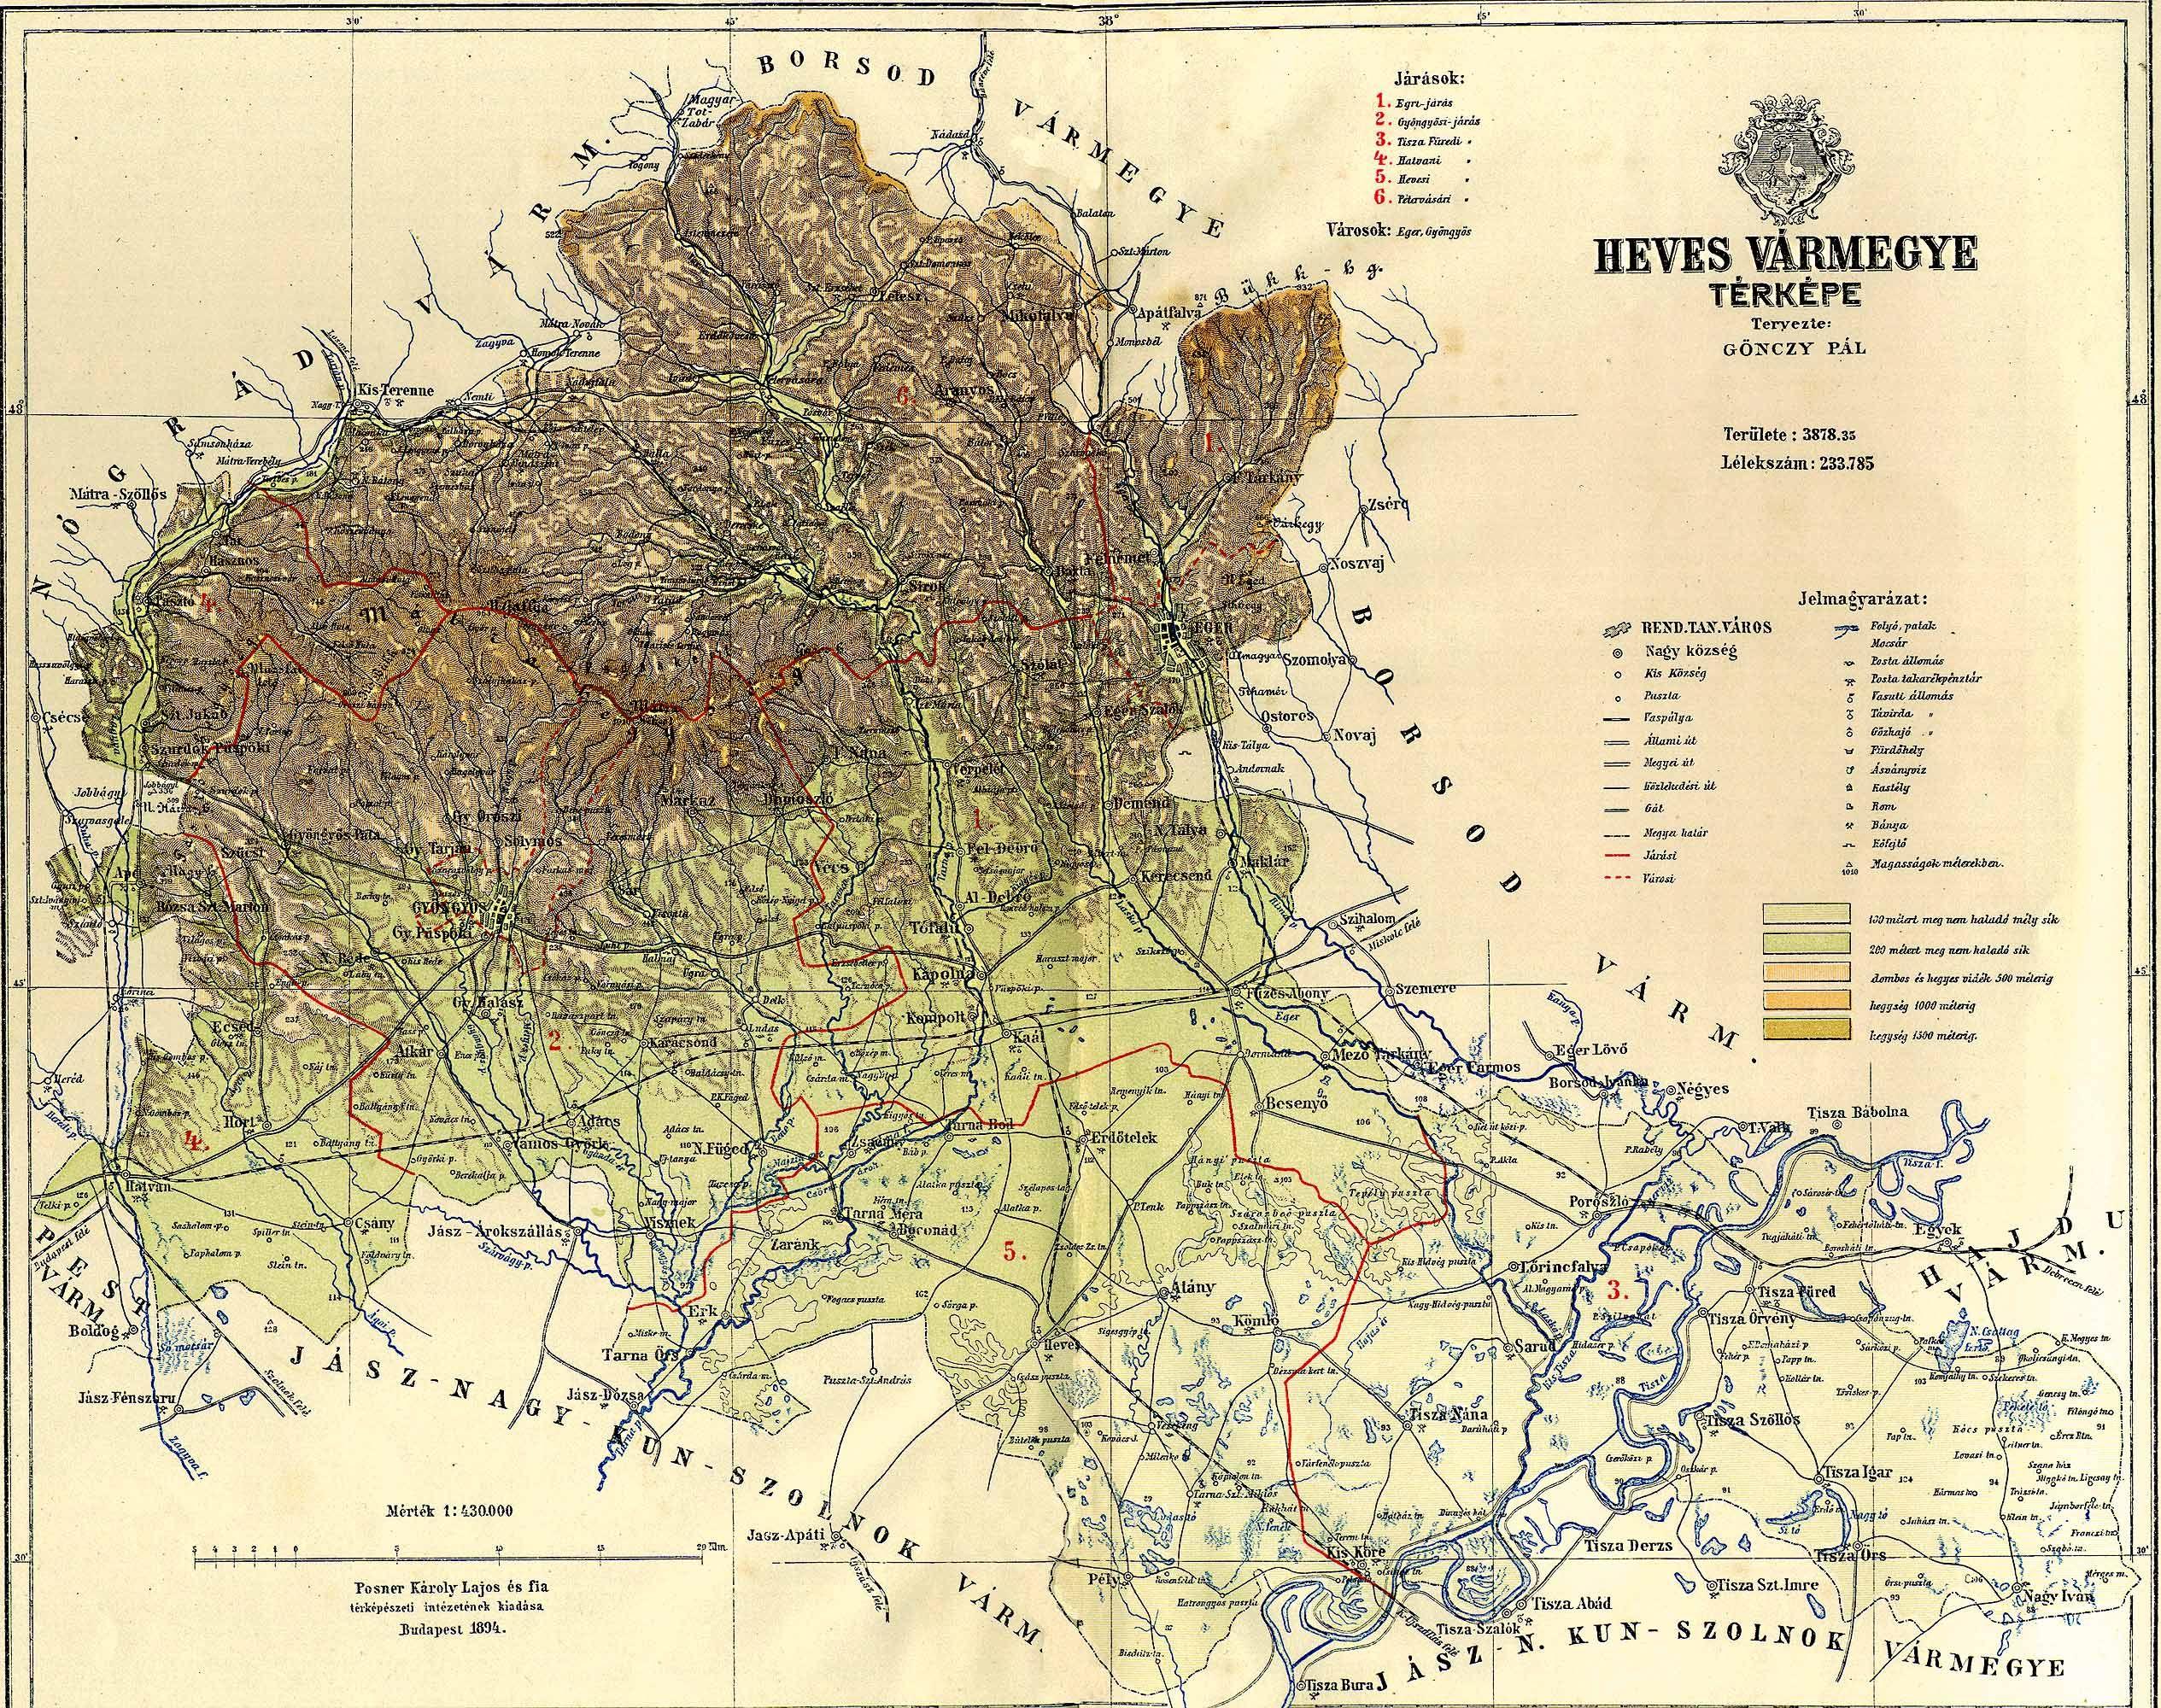 erdőtelek térkép A Pallas nagy lexikona erdőtelek térkép